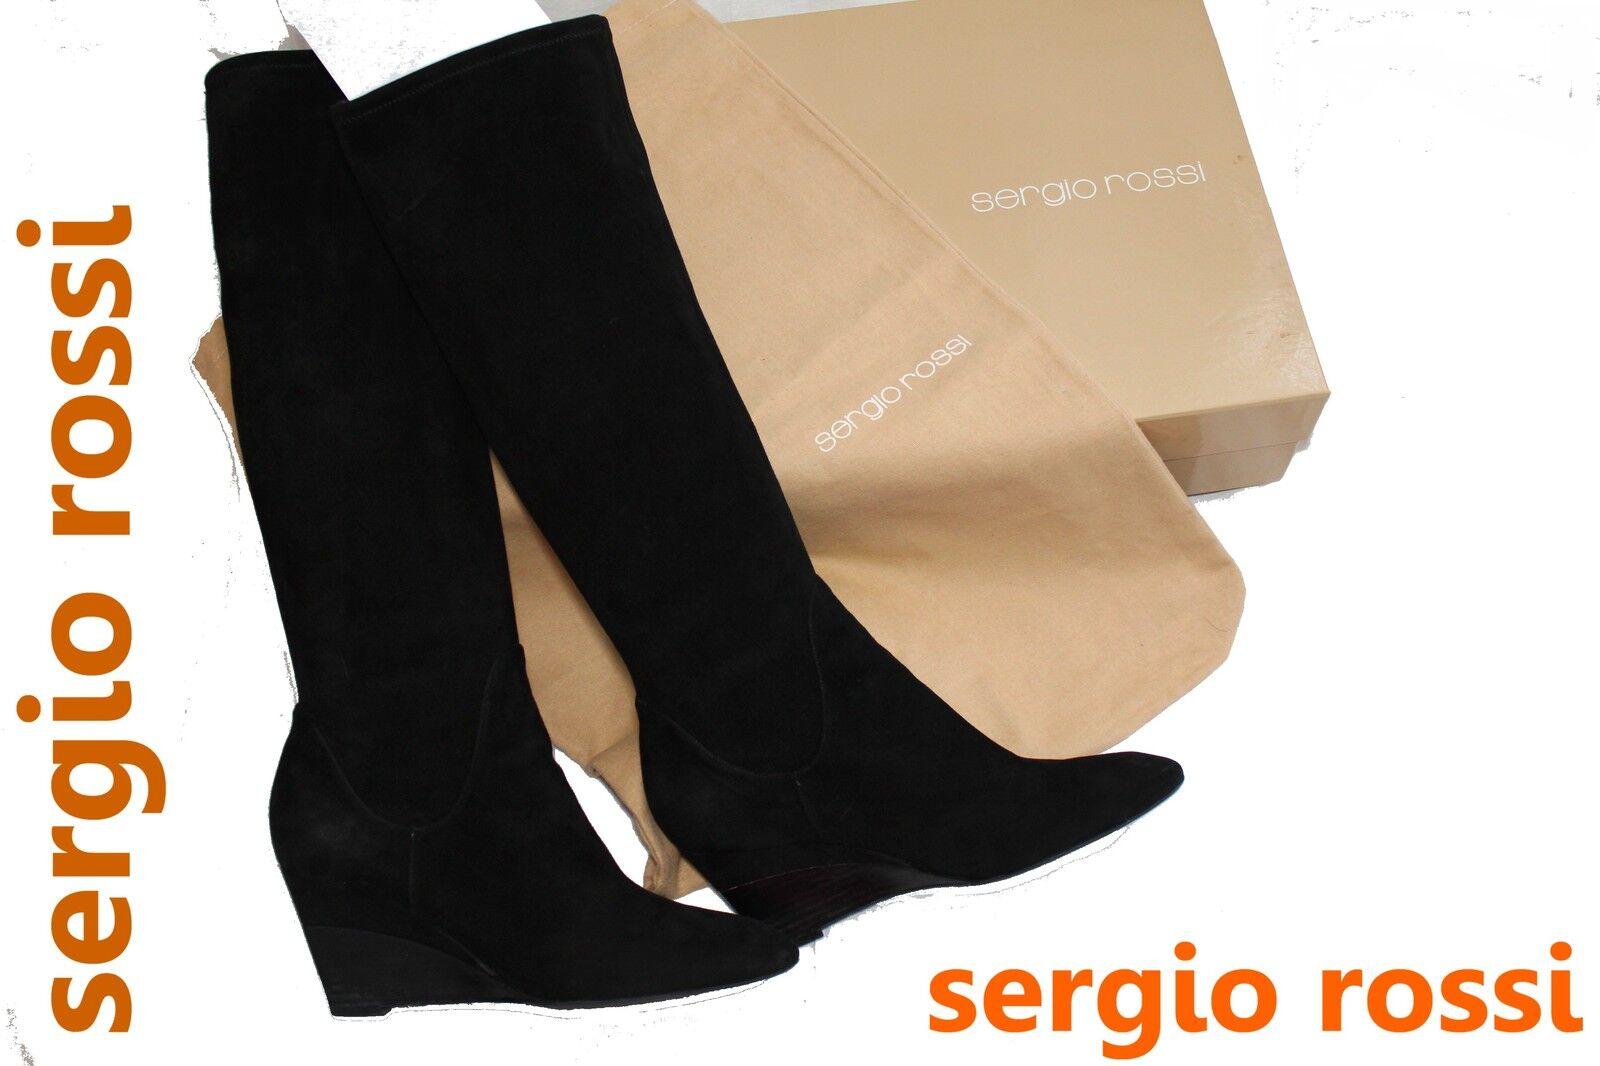 ~ sergio rossi ~ lujo señora botas ~ ~ como nuevo ~ OVP + bolsa ~ elástico negro ~!